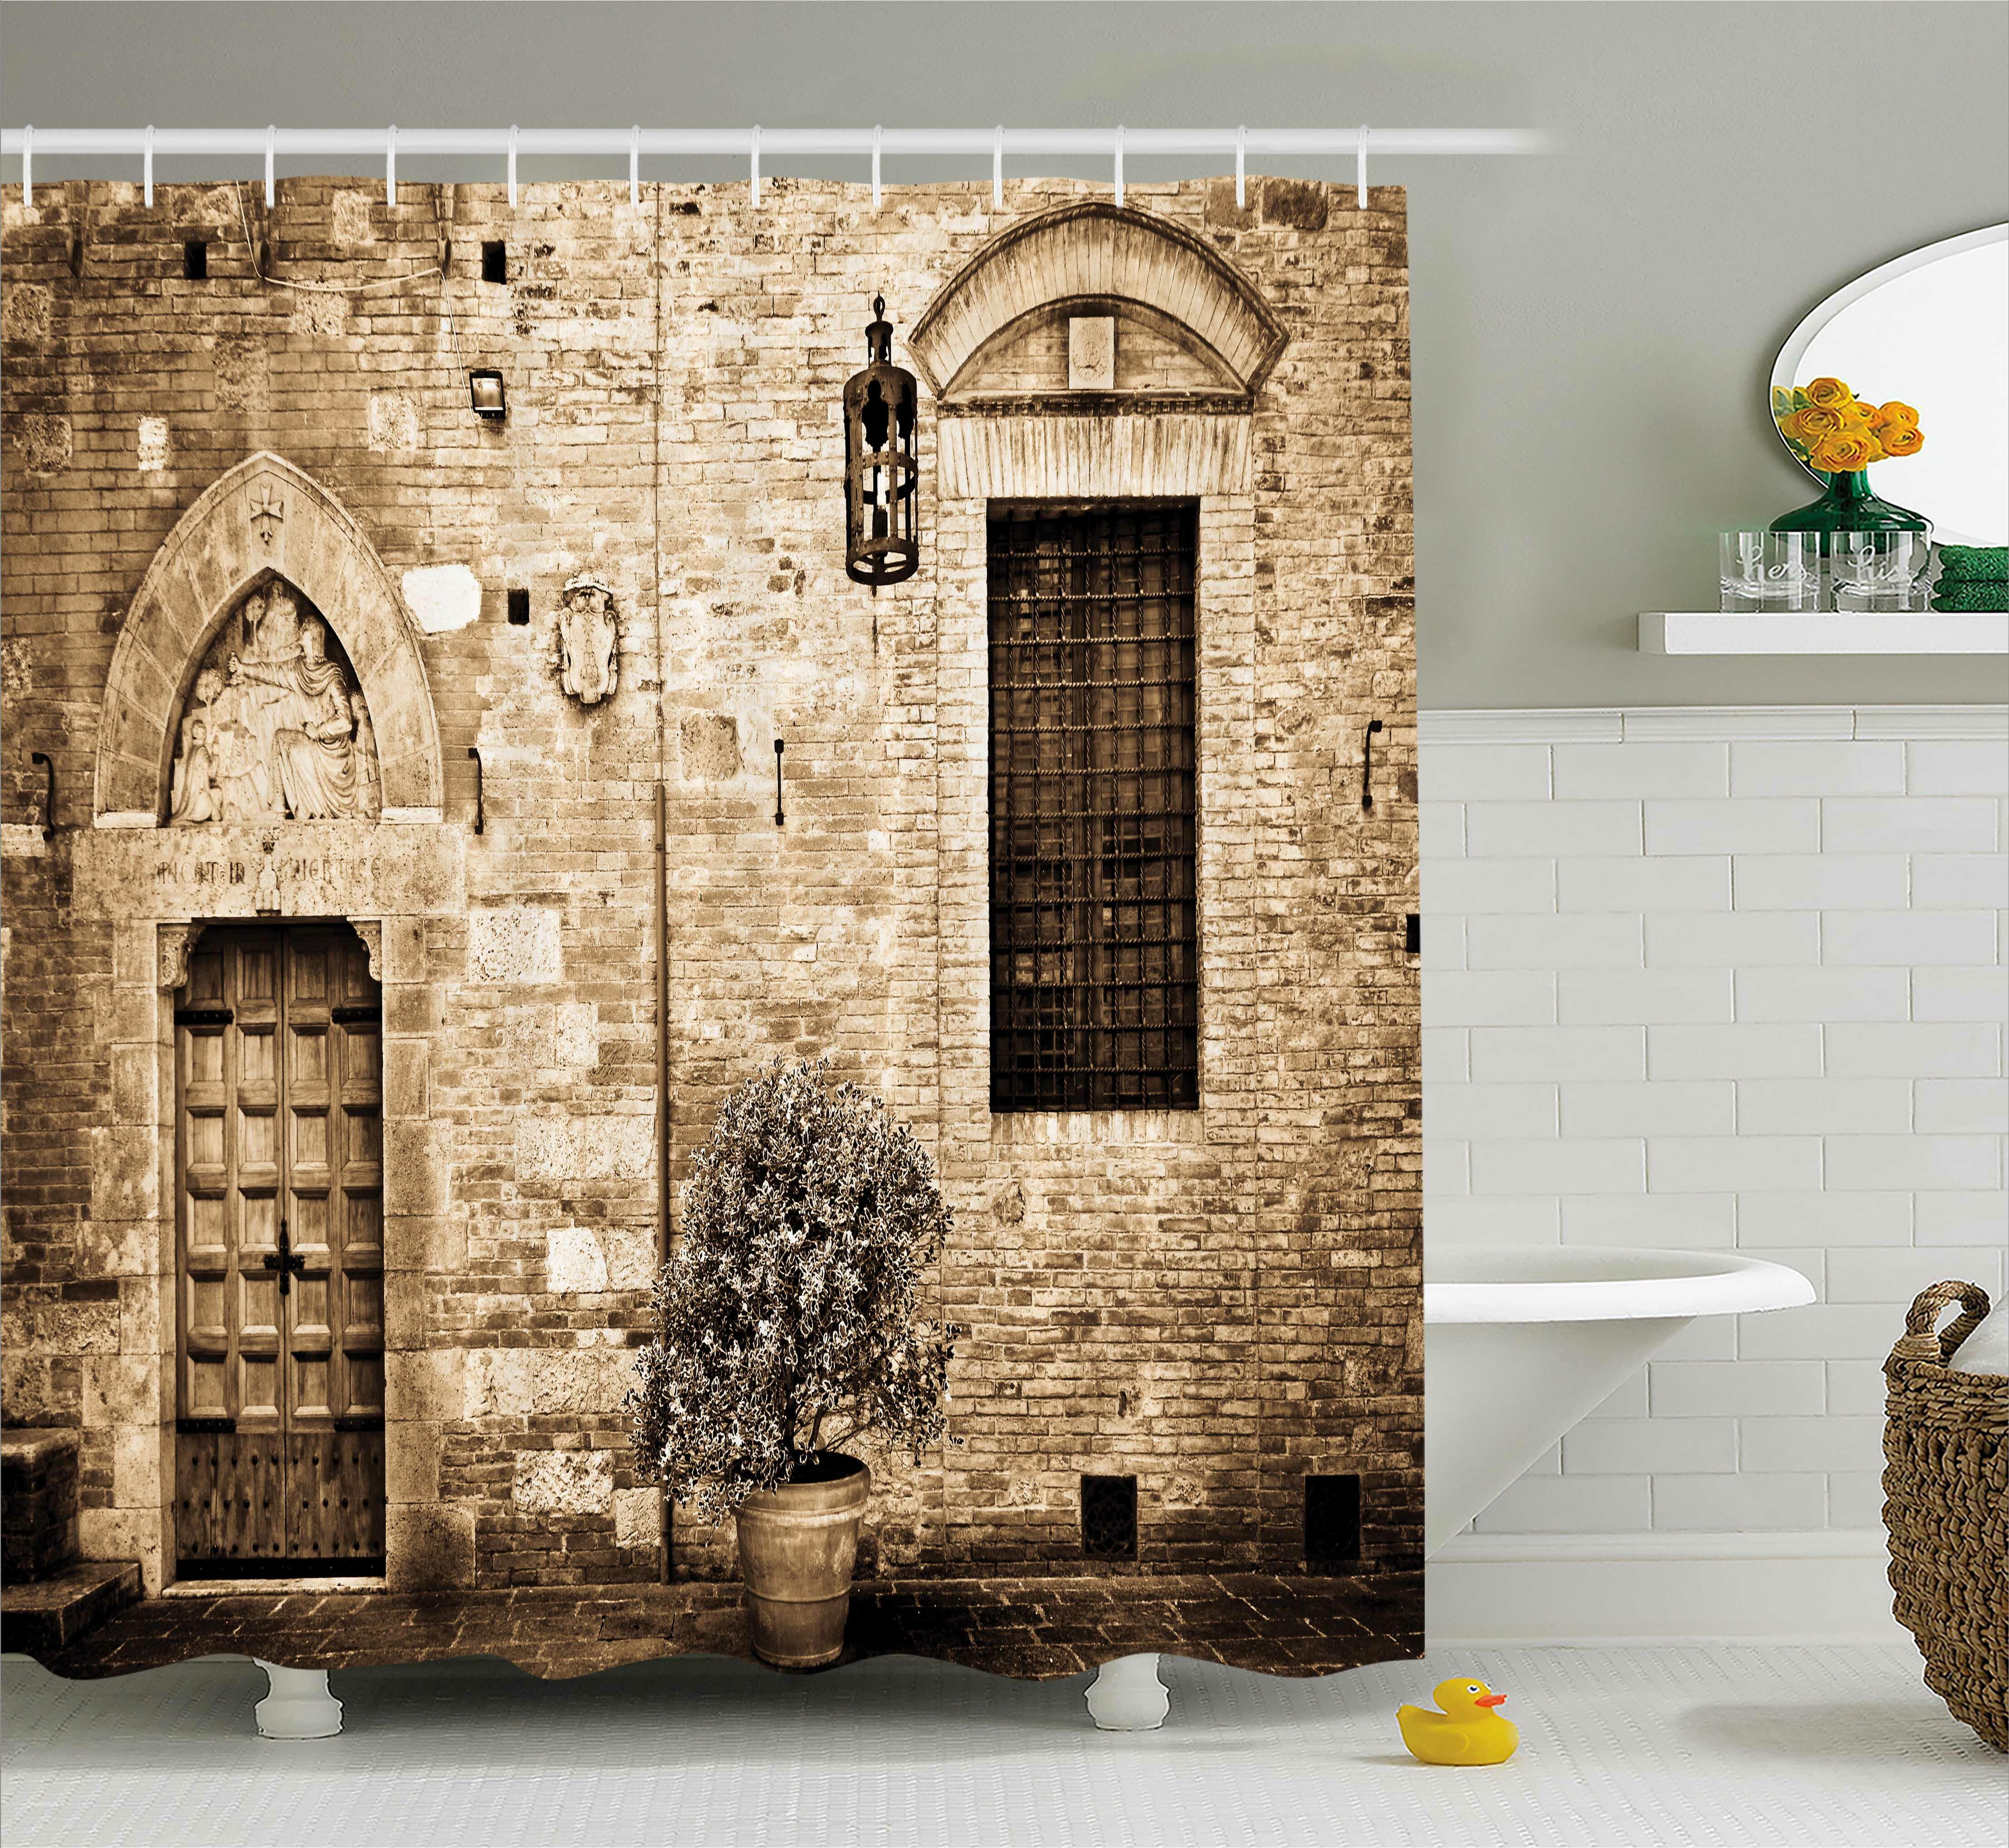 East Urban Home Tuscany Decor Shower Curtain | Wayfair